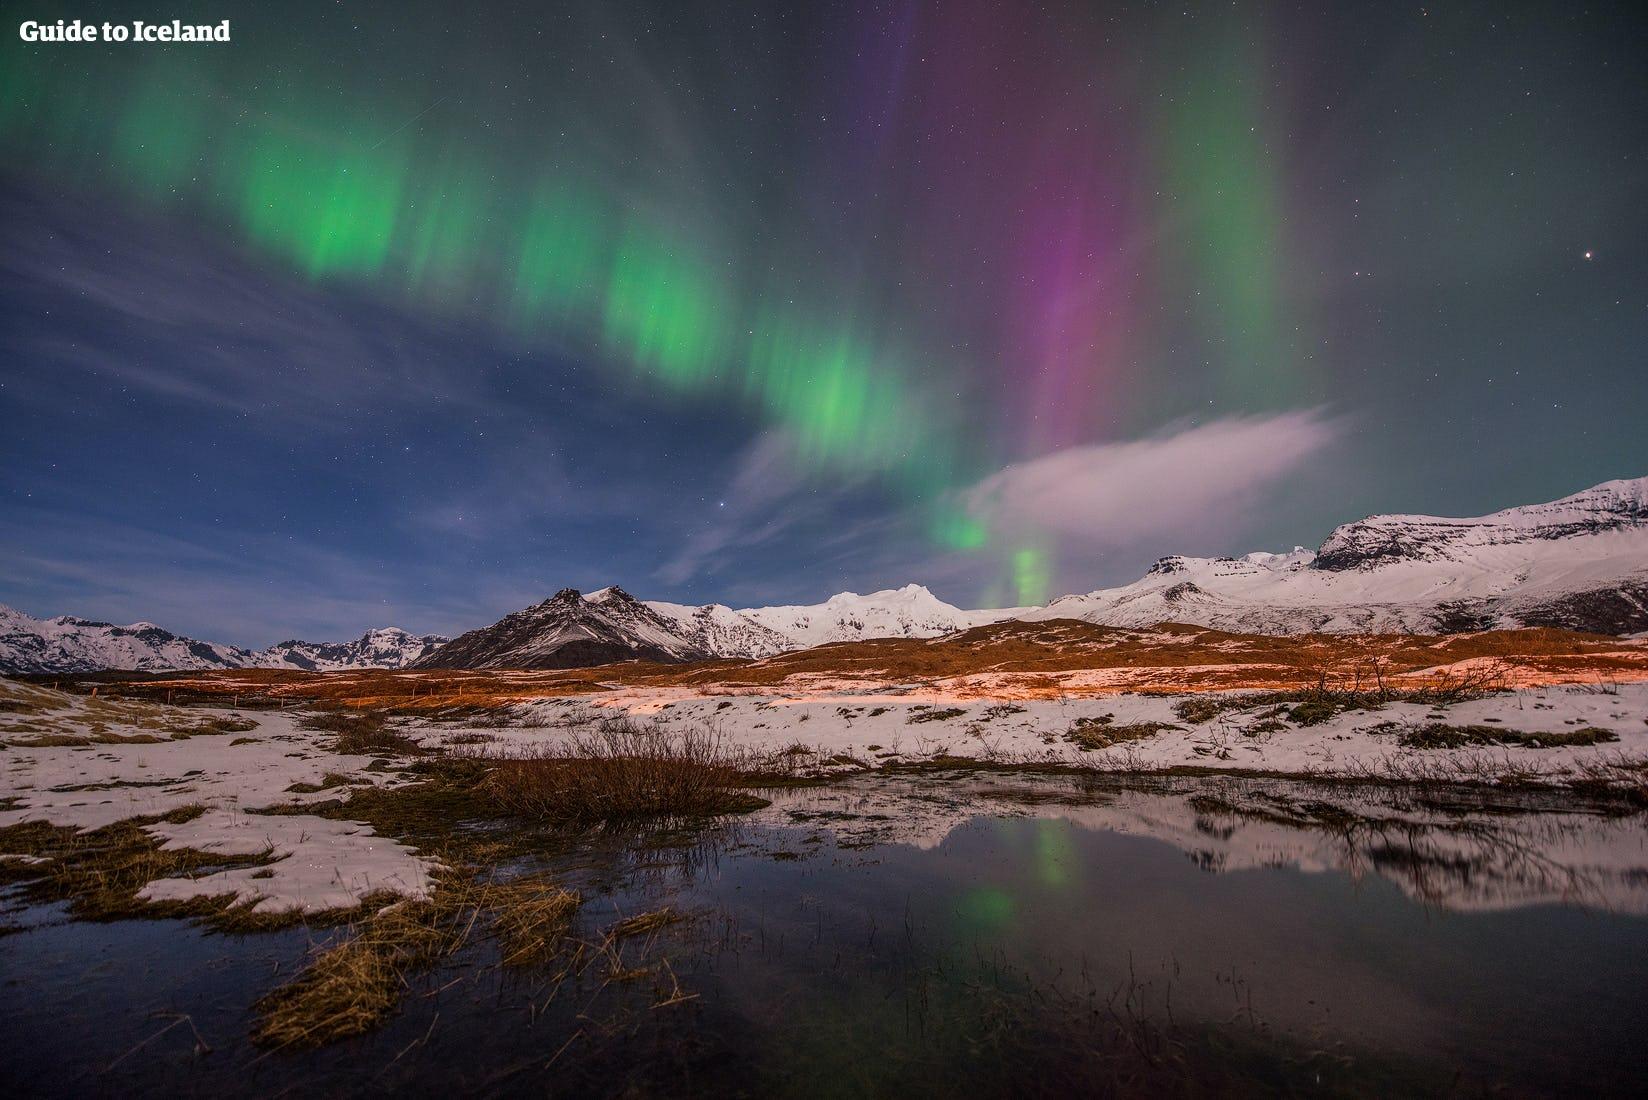 Voyagez en Islande en hiver et assistez à la danse des aurores boréales dans le ciel au-dessus de vous.